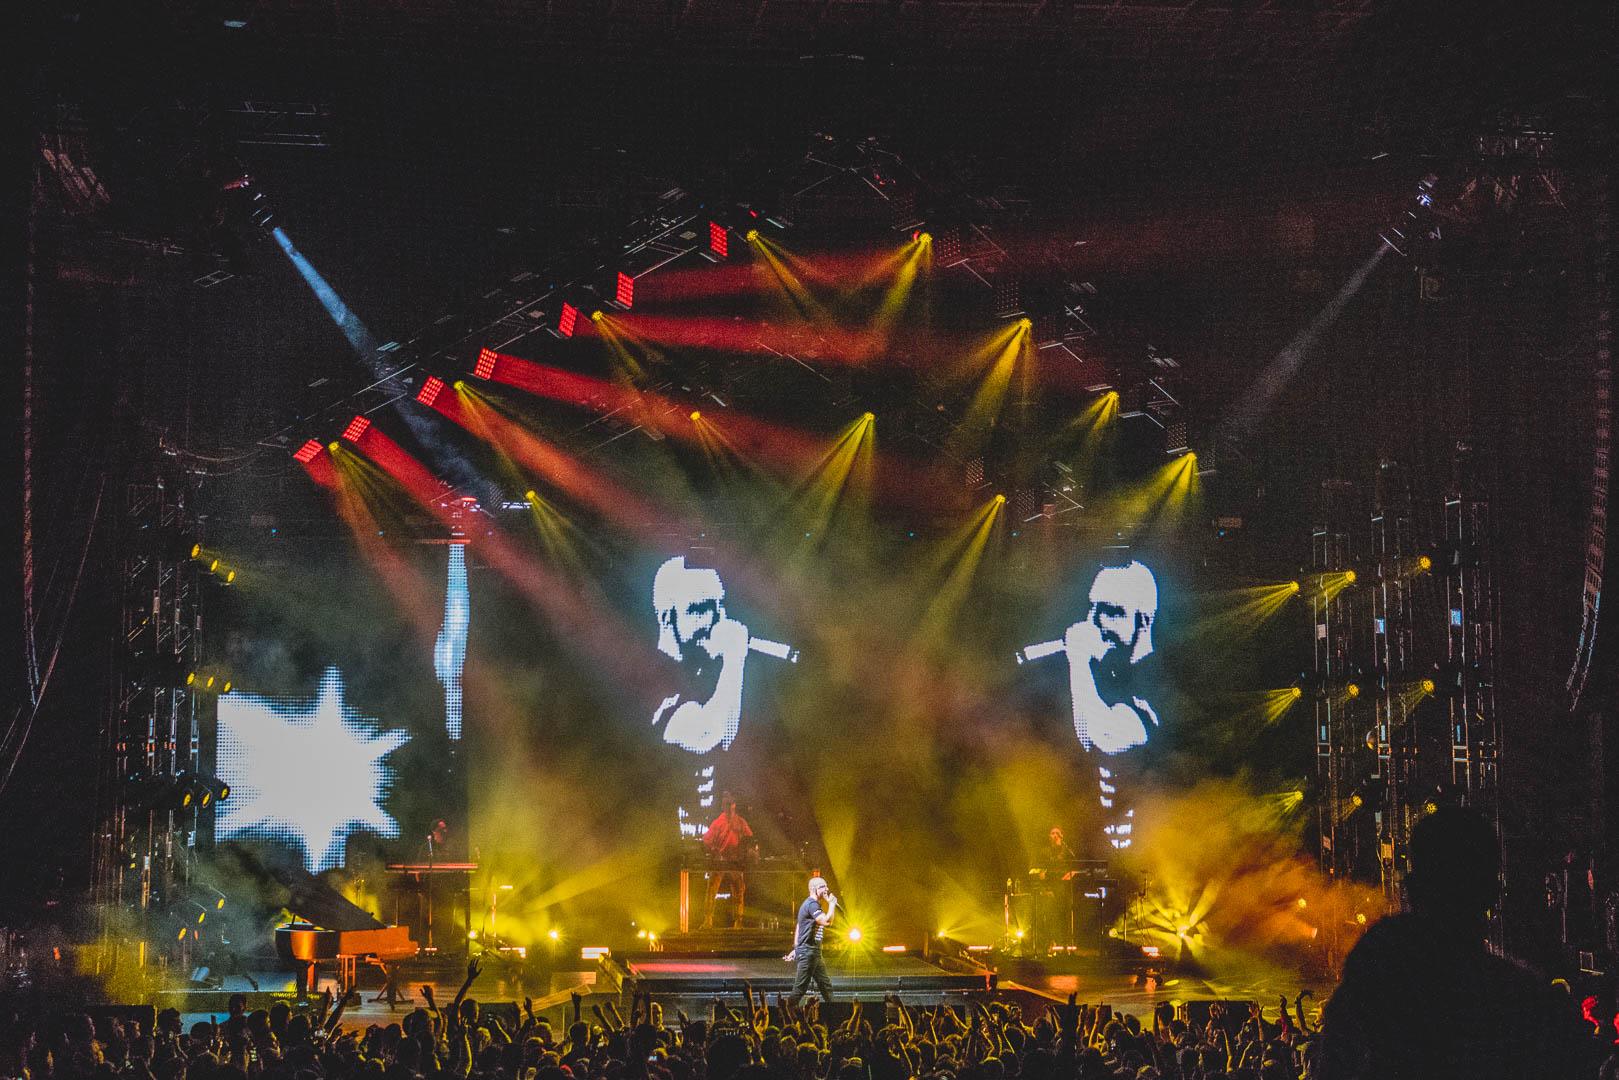 VE_Logic_BTvE Tour-6.jpg